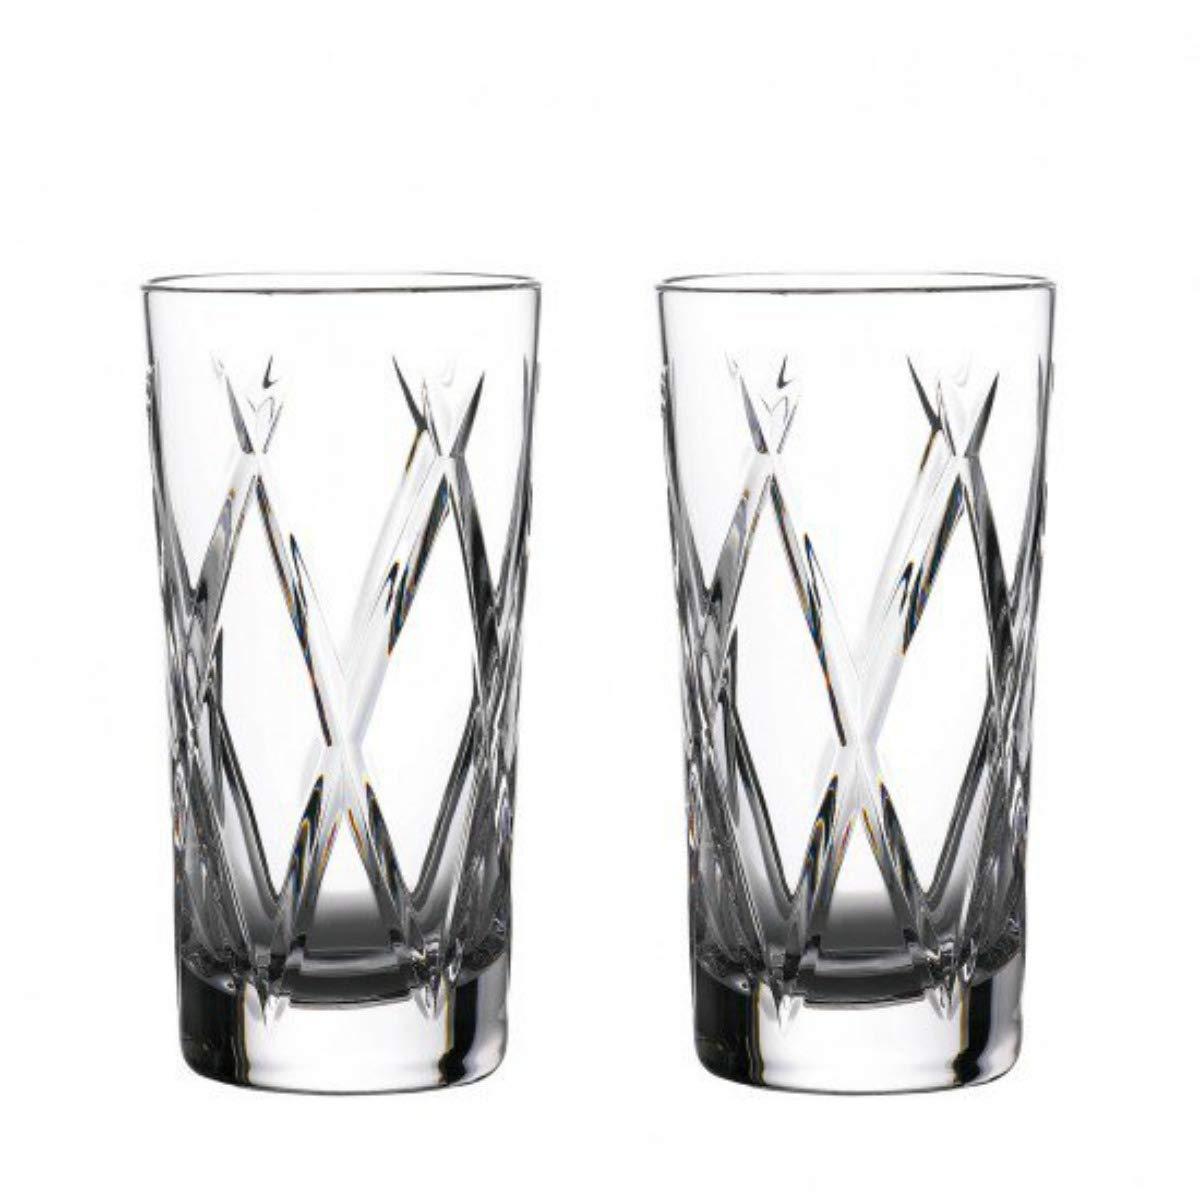 Gin Journeys Olann Hiball, Pair